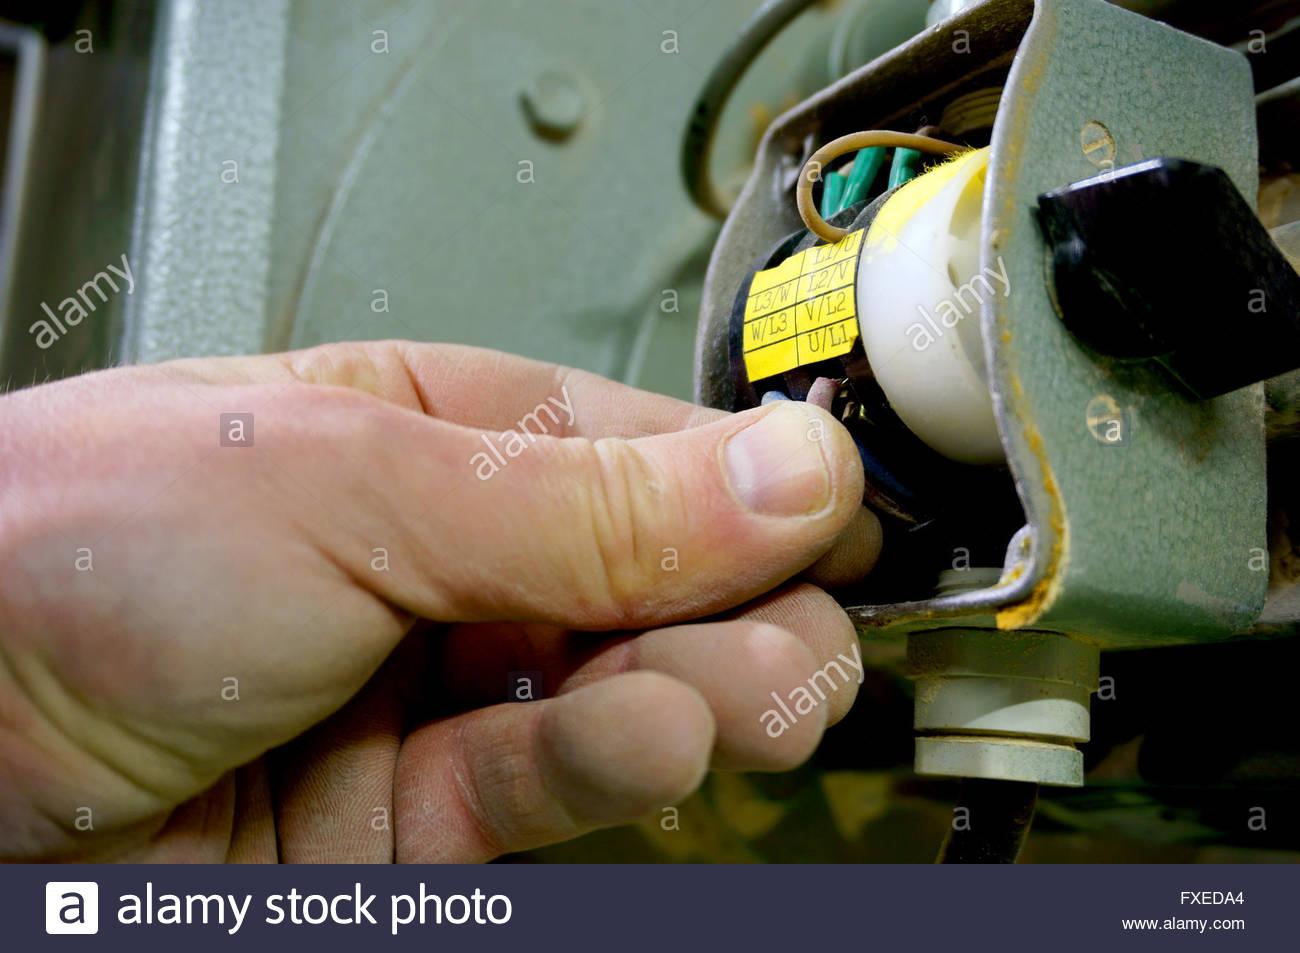 Verdrahtung Schalter Maschine Mensch Stockfoto, Bild: 102350700 - Alamy